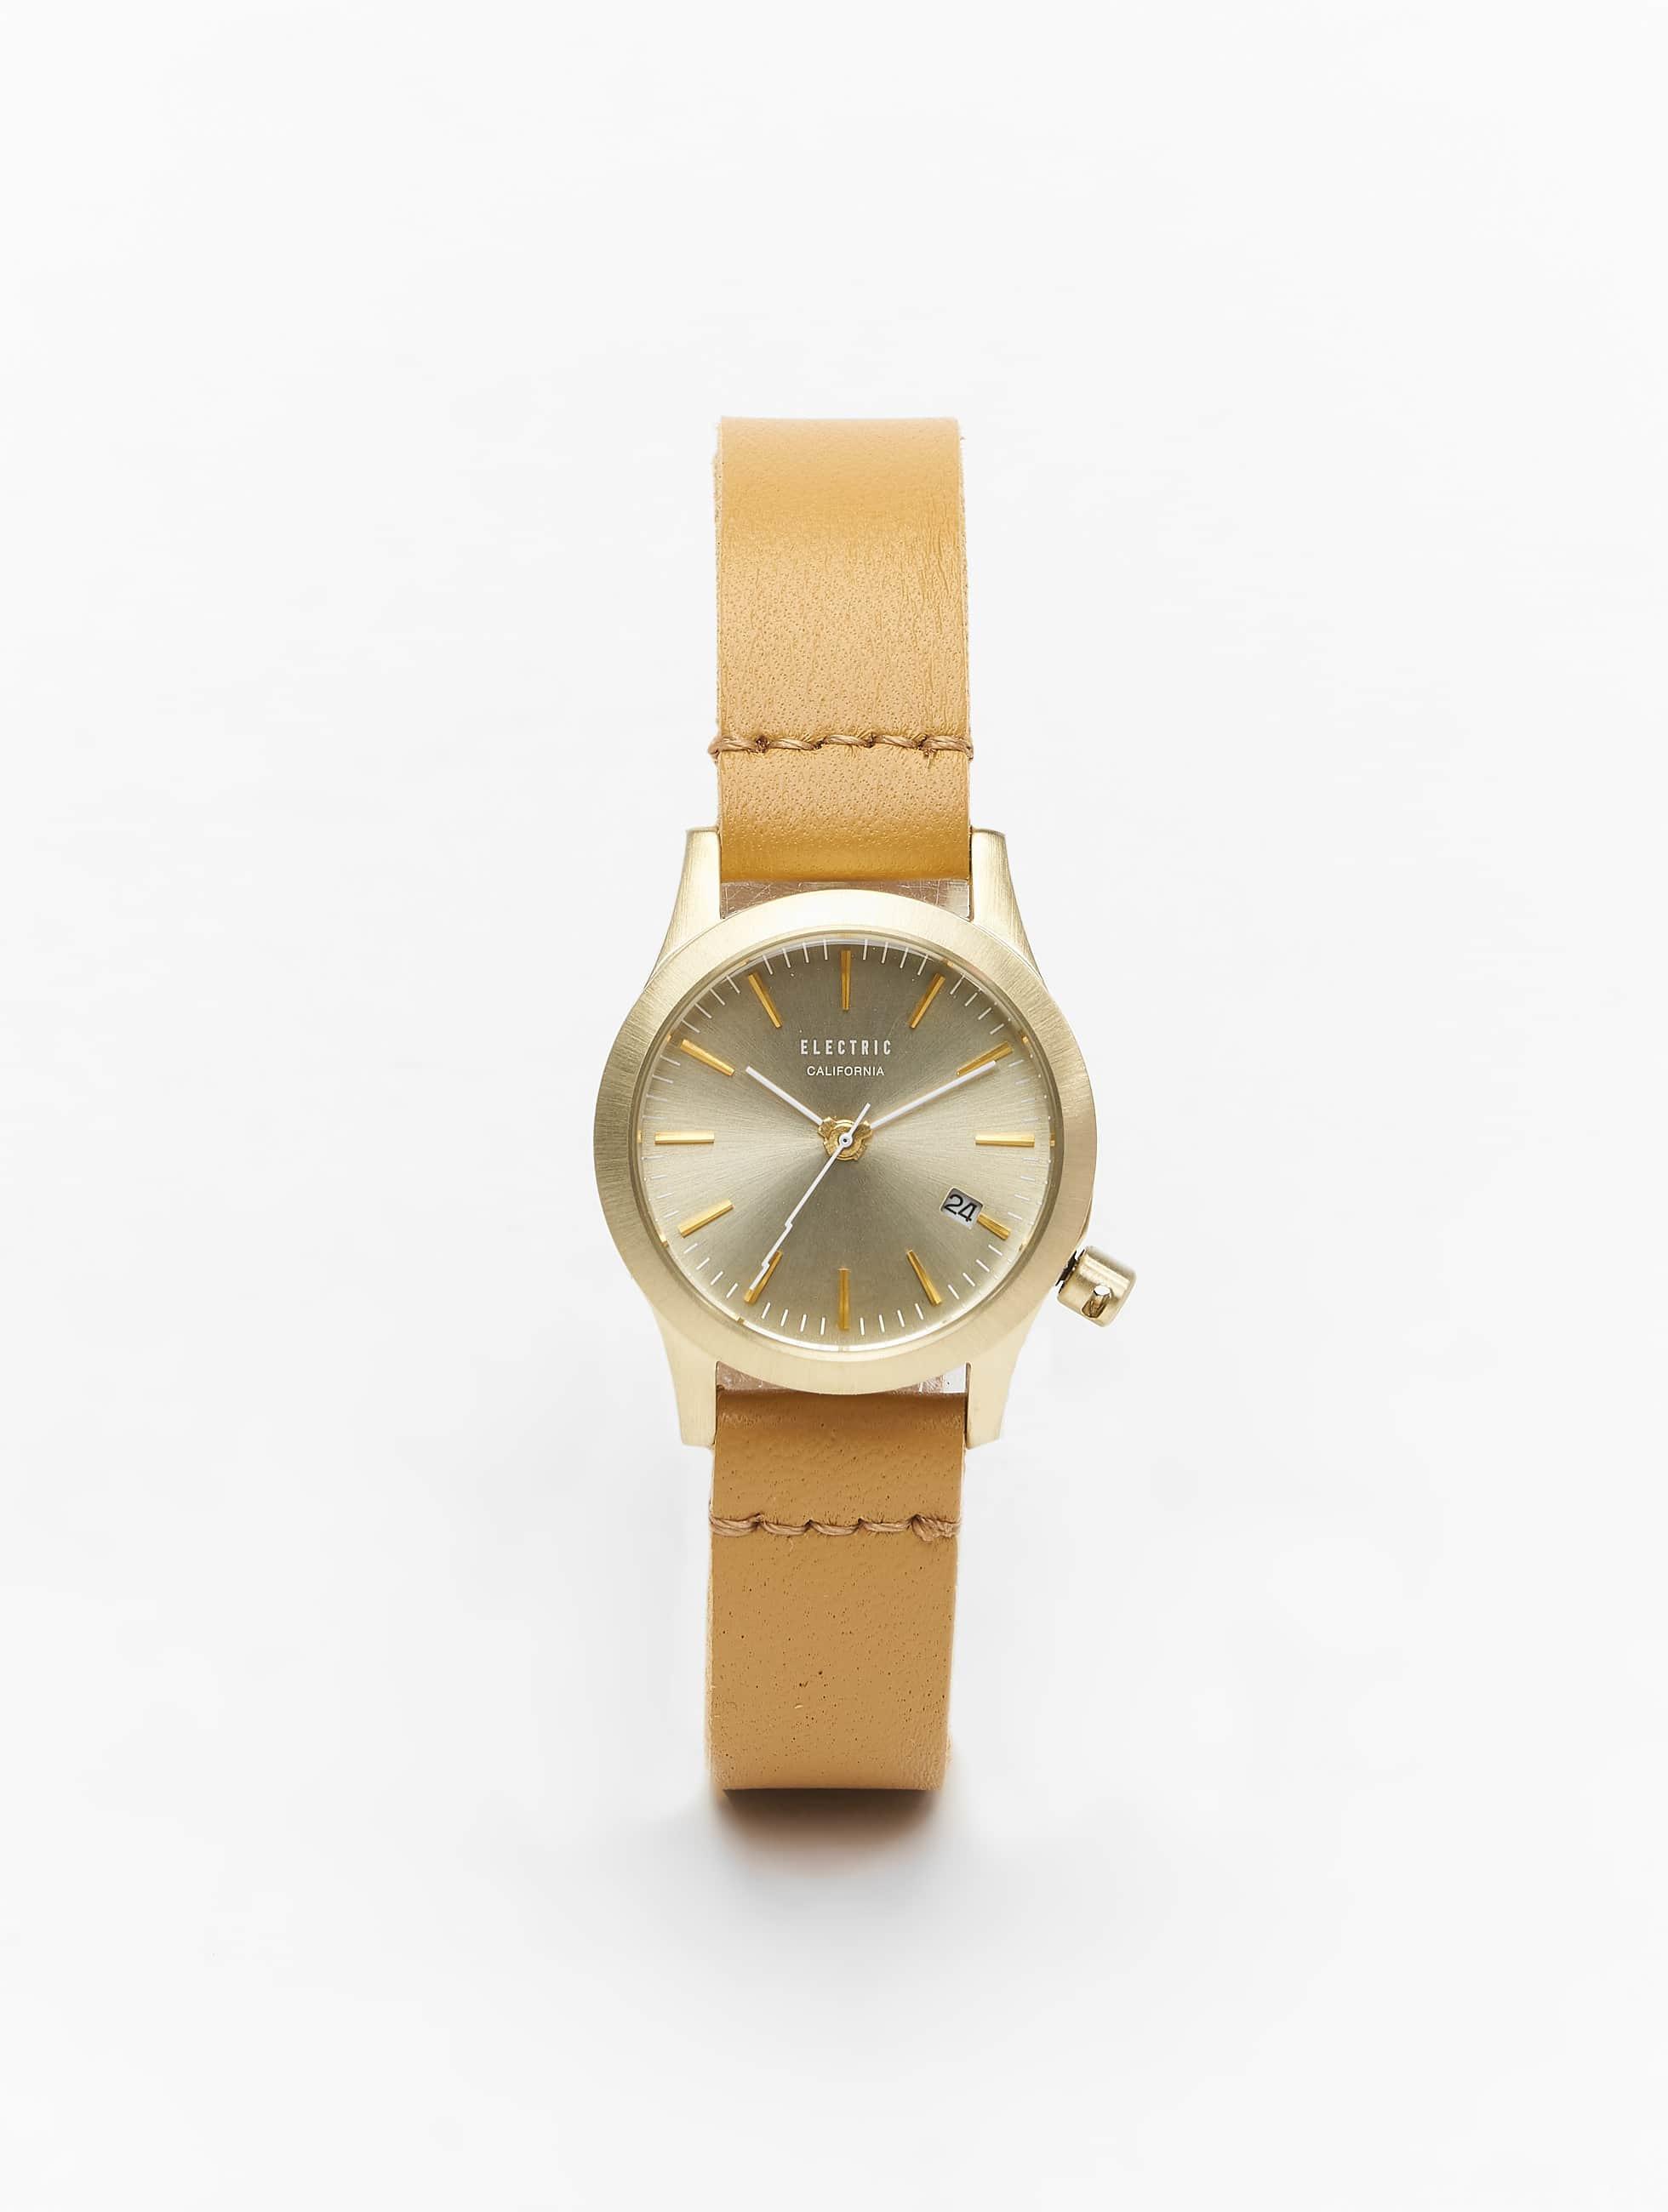 Electric Watch FW03 MINI brown